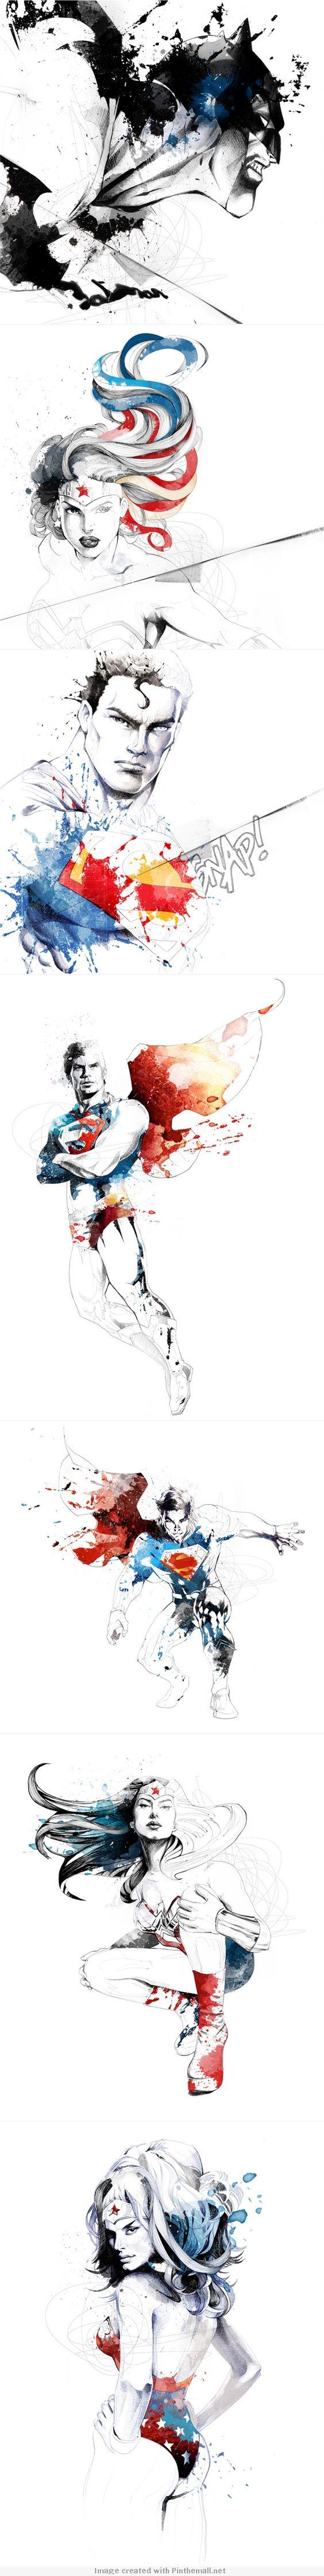 Pretty amazing art - DC COMICS by david despau <------ wait. Only one Batman pic?